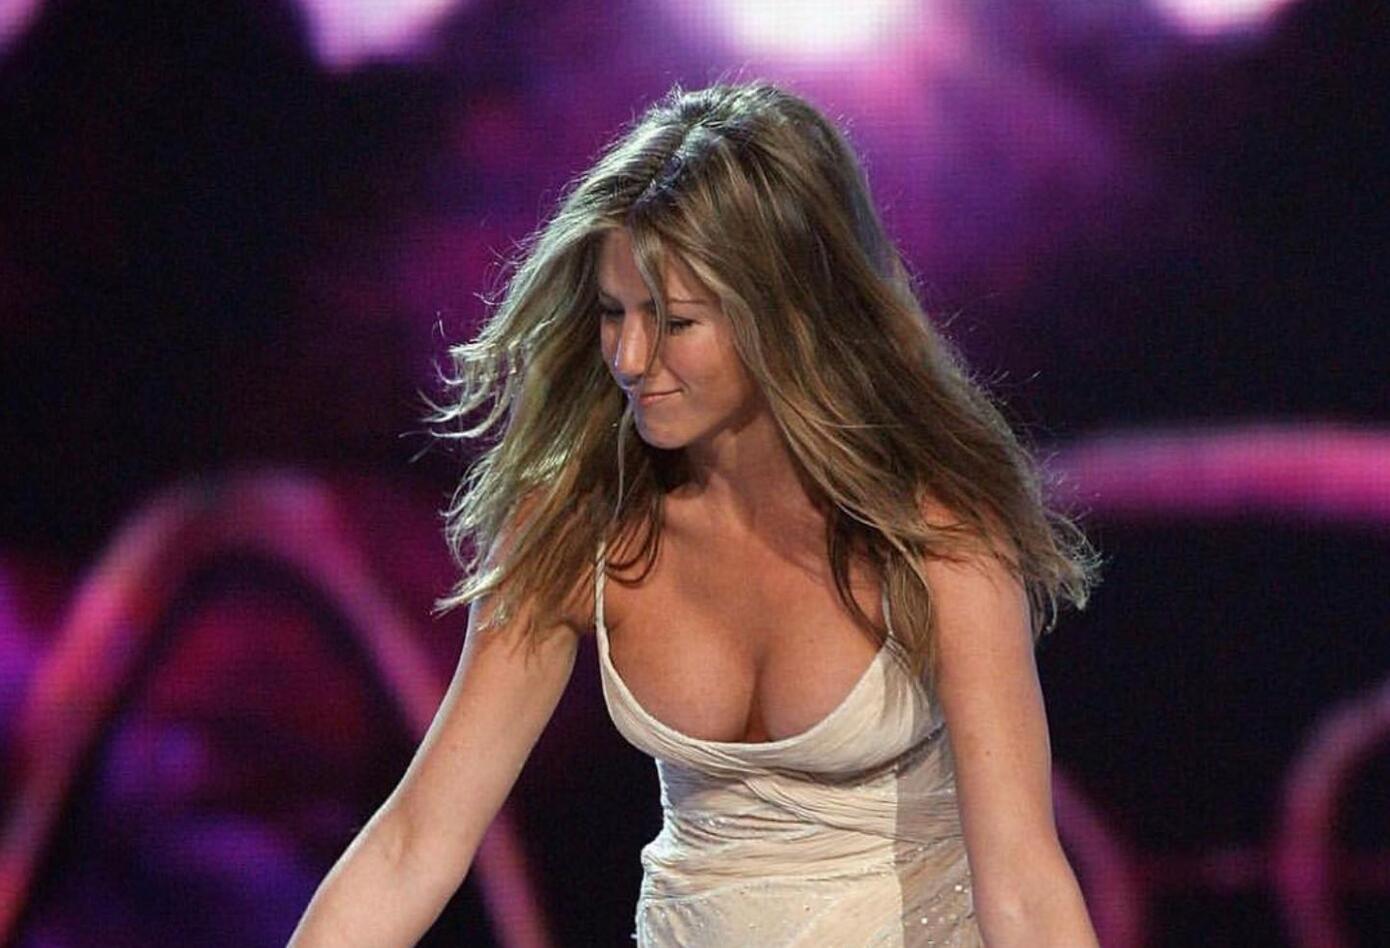 Aniston organizó el sábado en Los Ángeles (EE.UU.) una fiesta por todo lo alto a la que asistieron estrellas como Gwyneth Paltrow, Katy Perry, George y Amal Clooney, Reese Witherspoon, Robert Downey Jr., Ellen DeGeneres, Barbra Streisand y Kate Hudson.